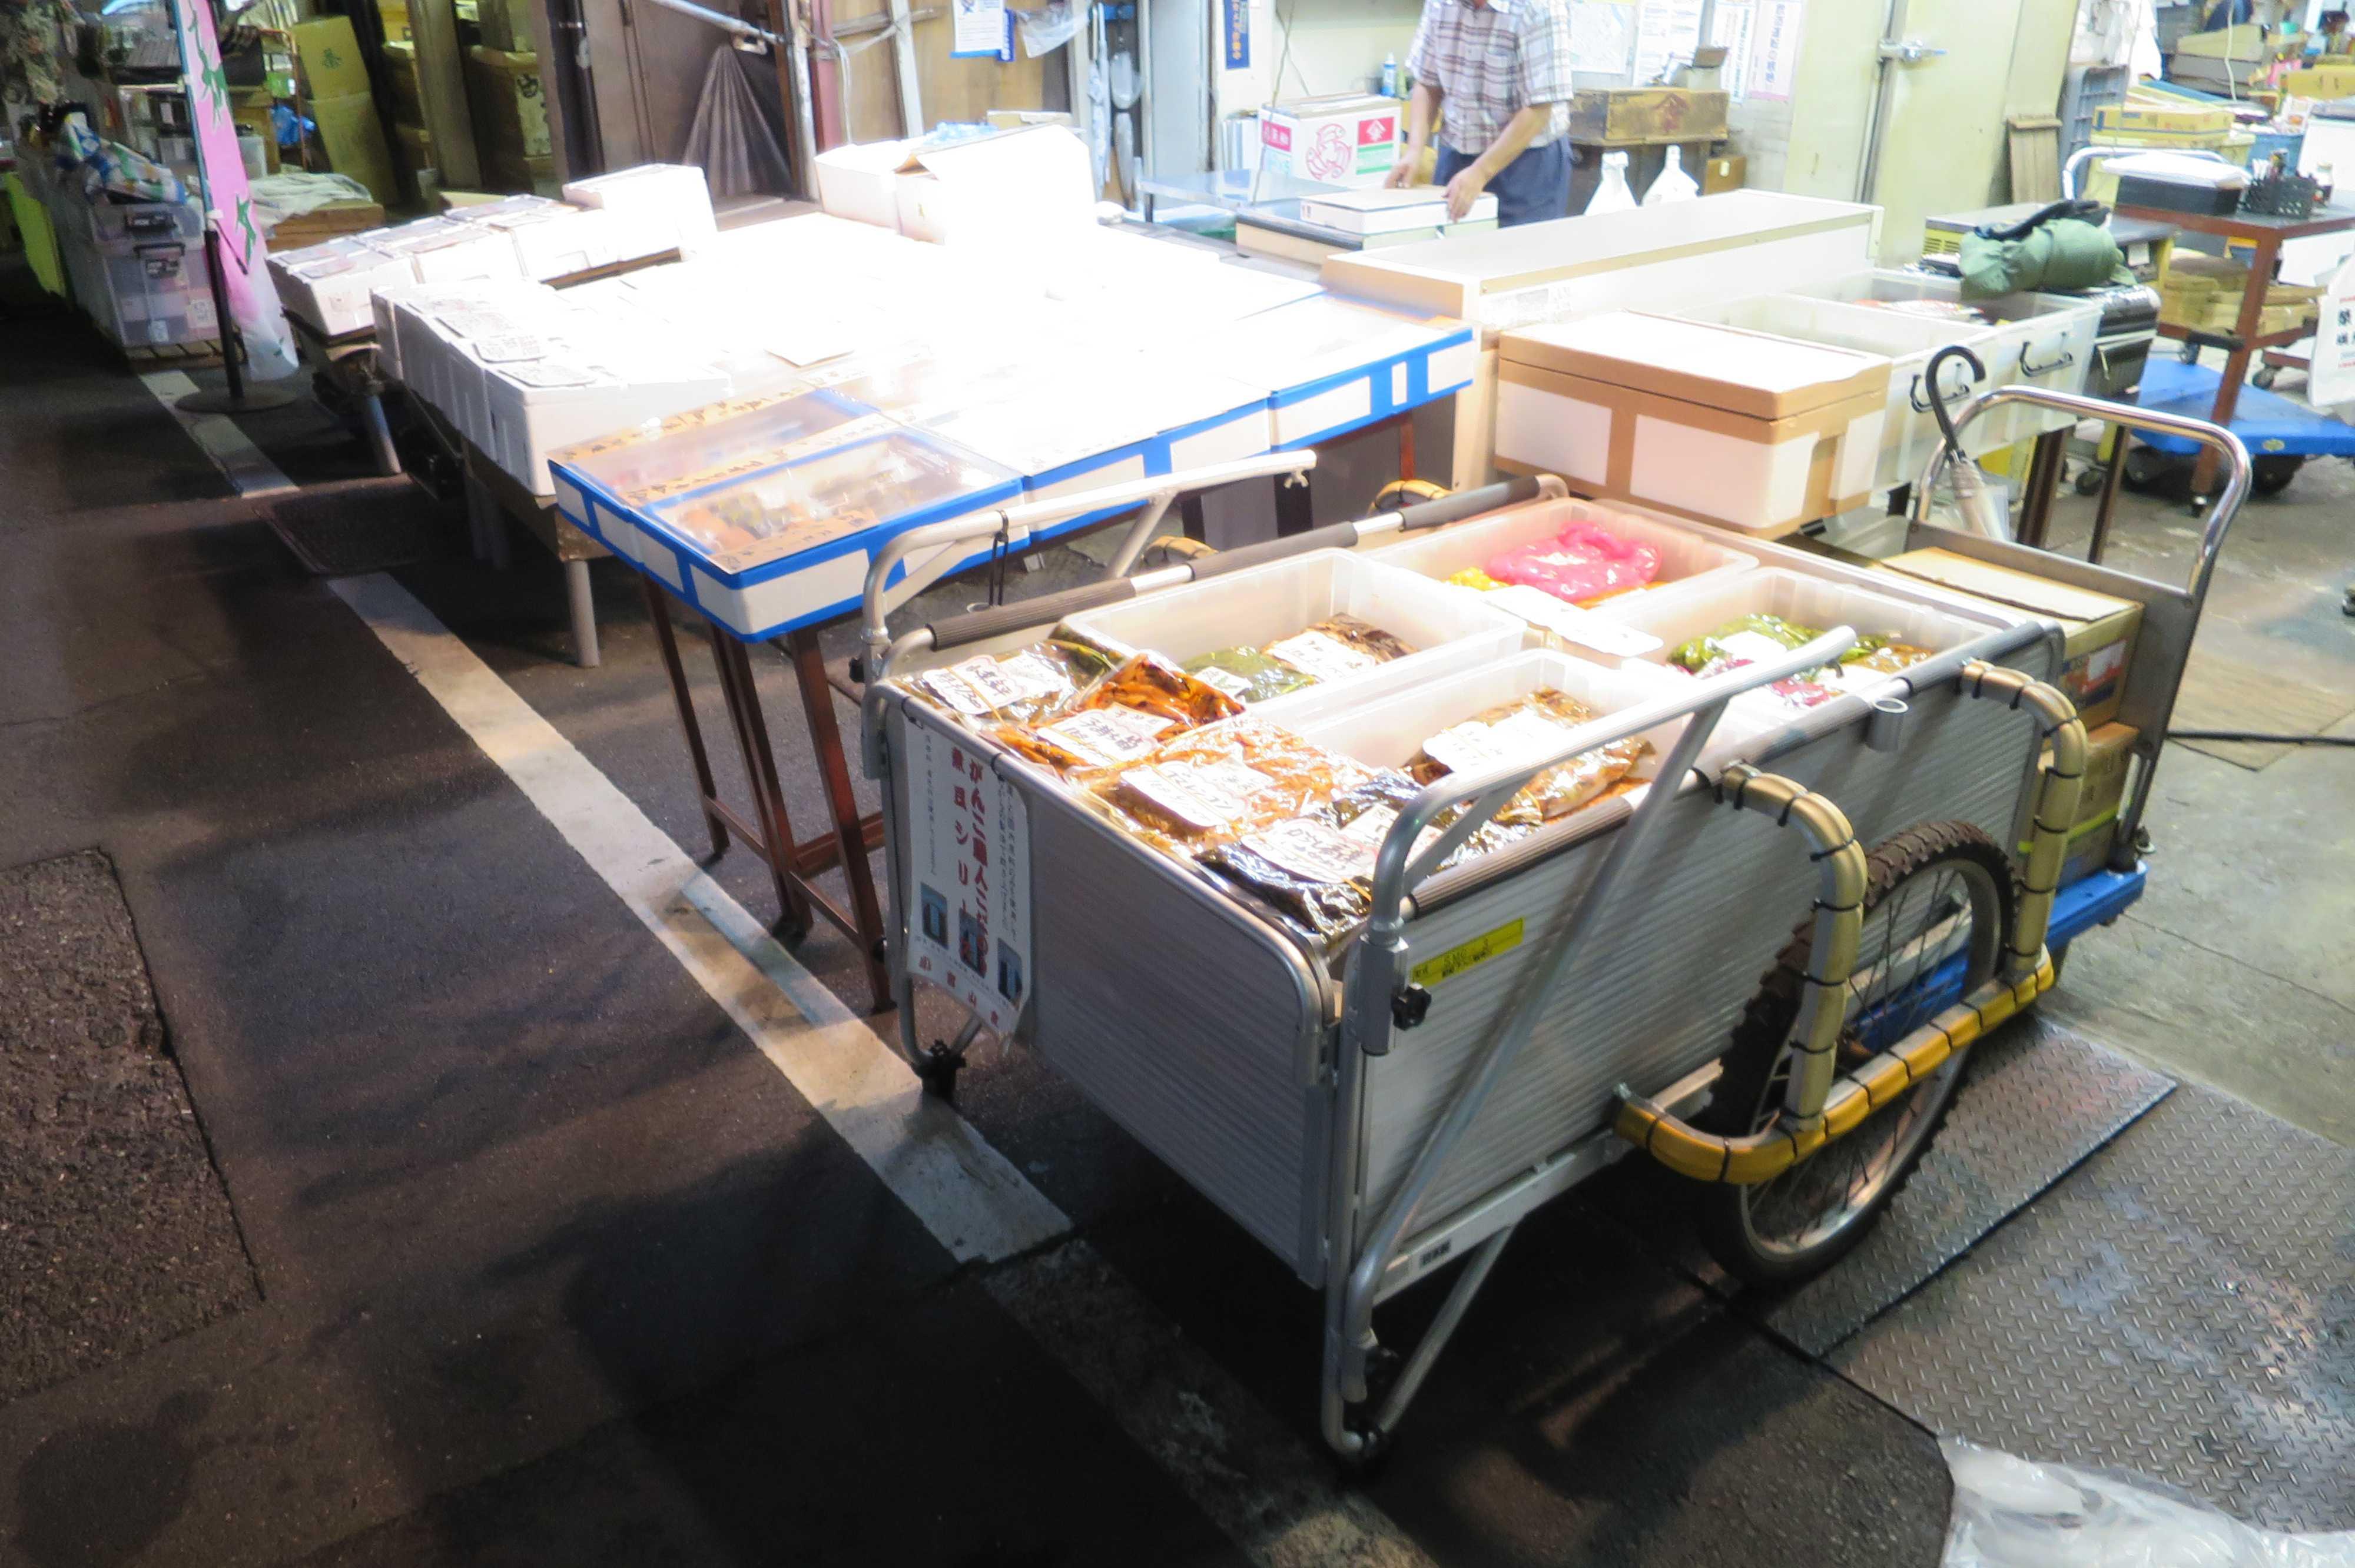 築地場外市場 - リヤカーに載せられたまま売られている漬け物